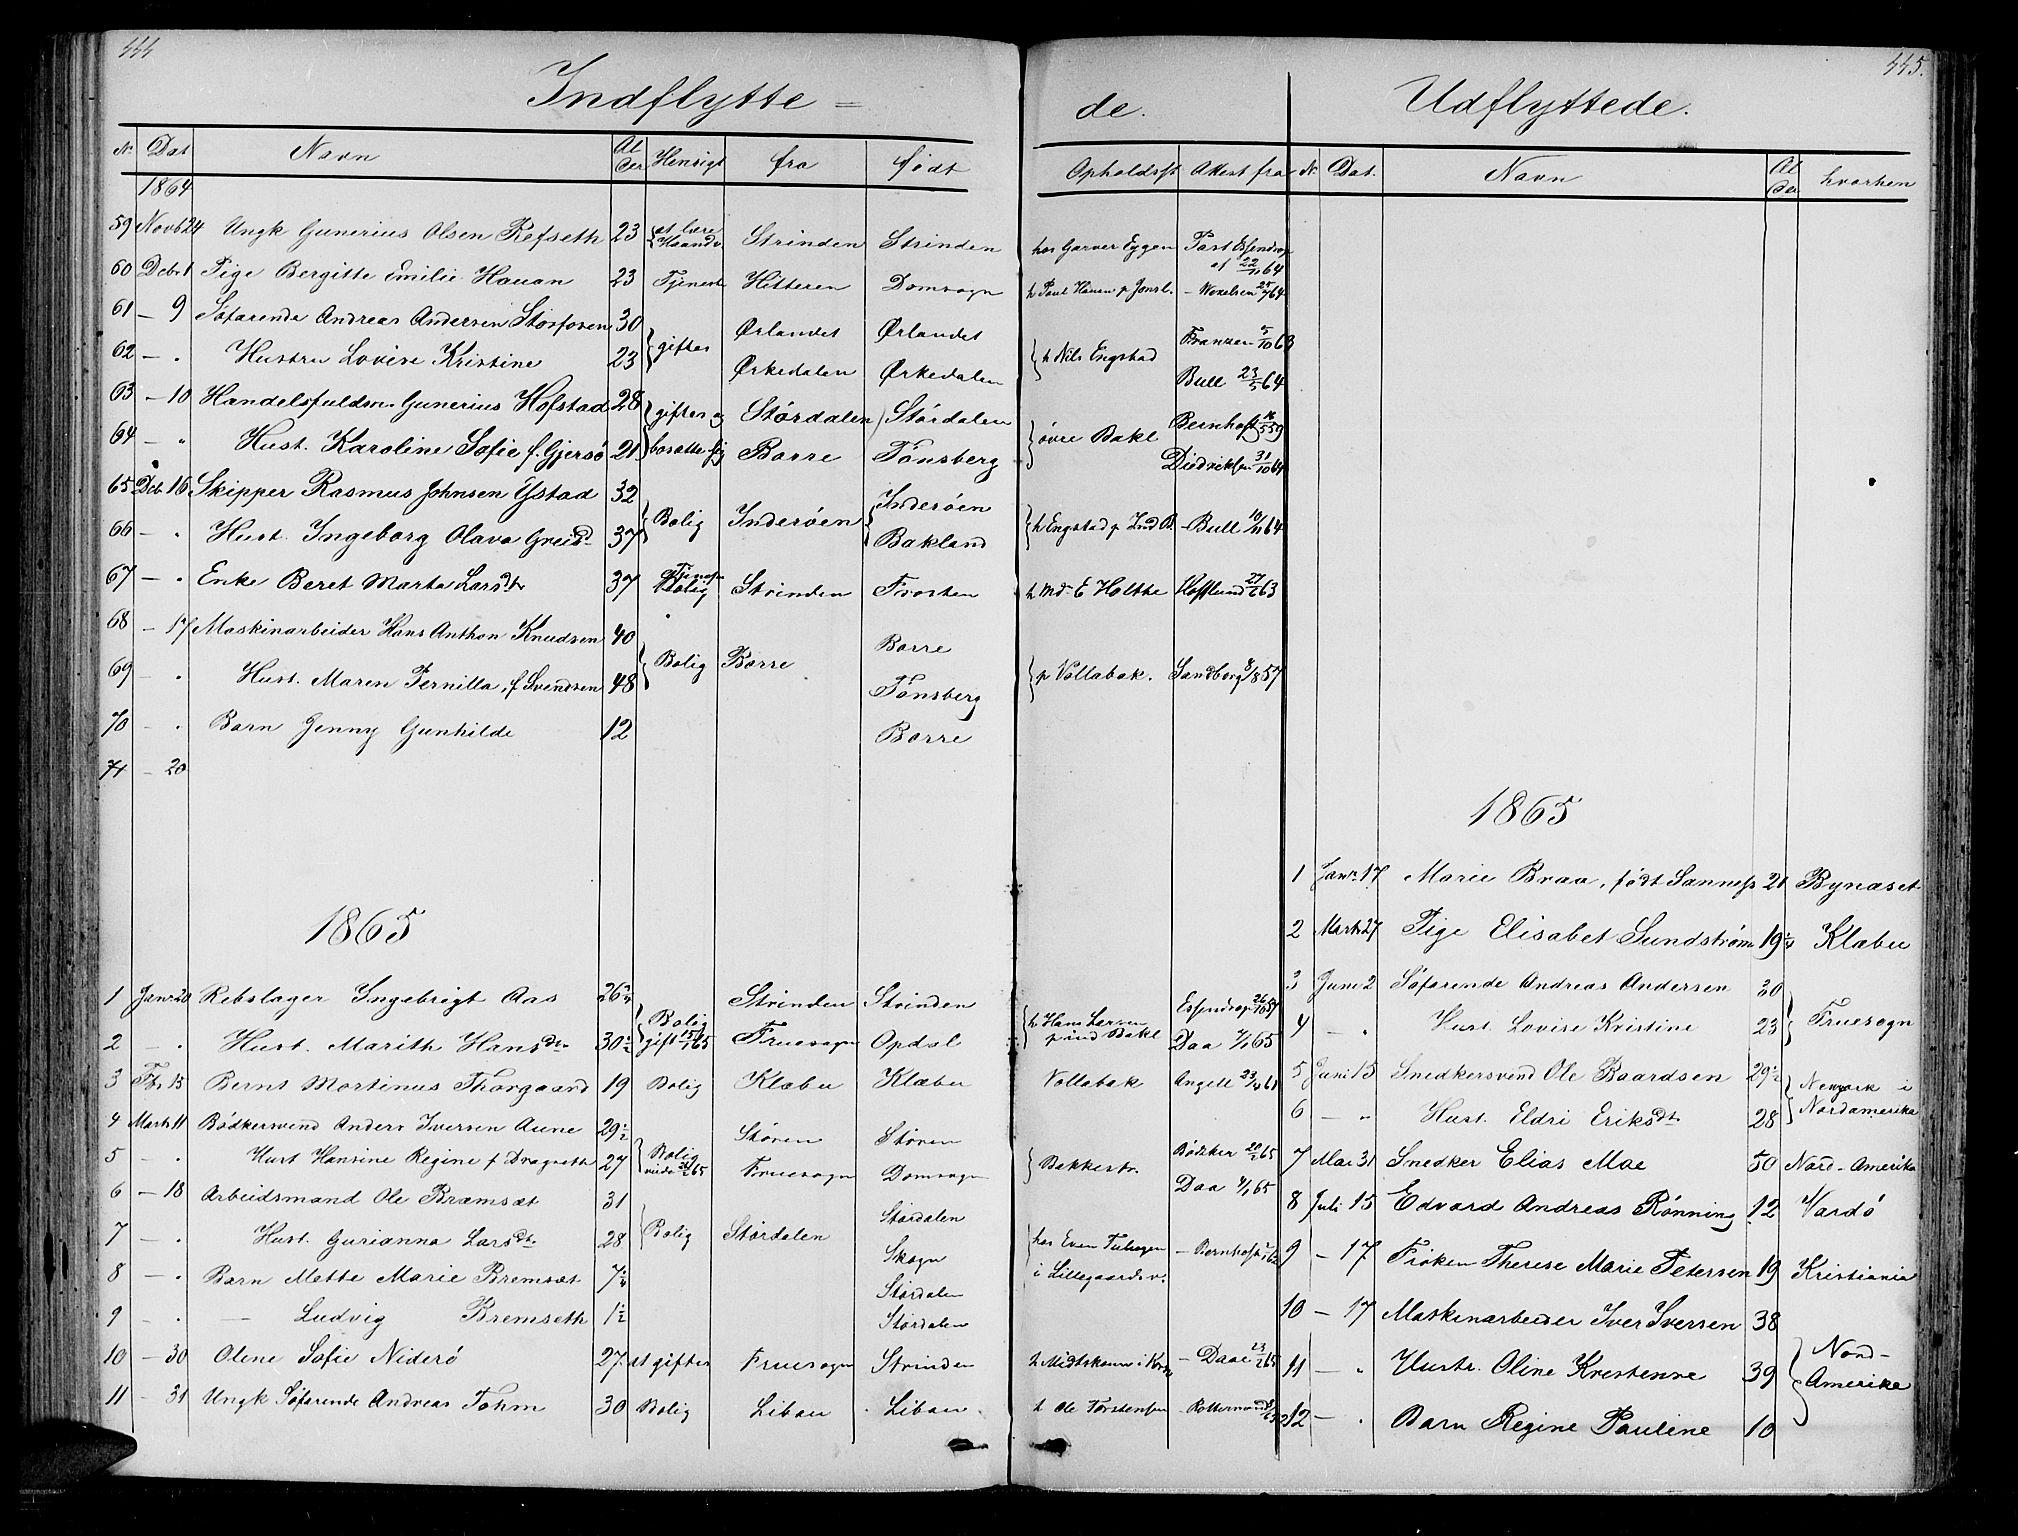 SAT, Ministerialprotokoller, klokkerbøker og fødselsregistre - Sør-Trøndelag, 604/L0219: Klokkerbok nr. 604C02, 1851-1869, s. 444-445